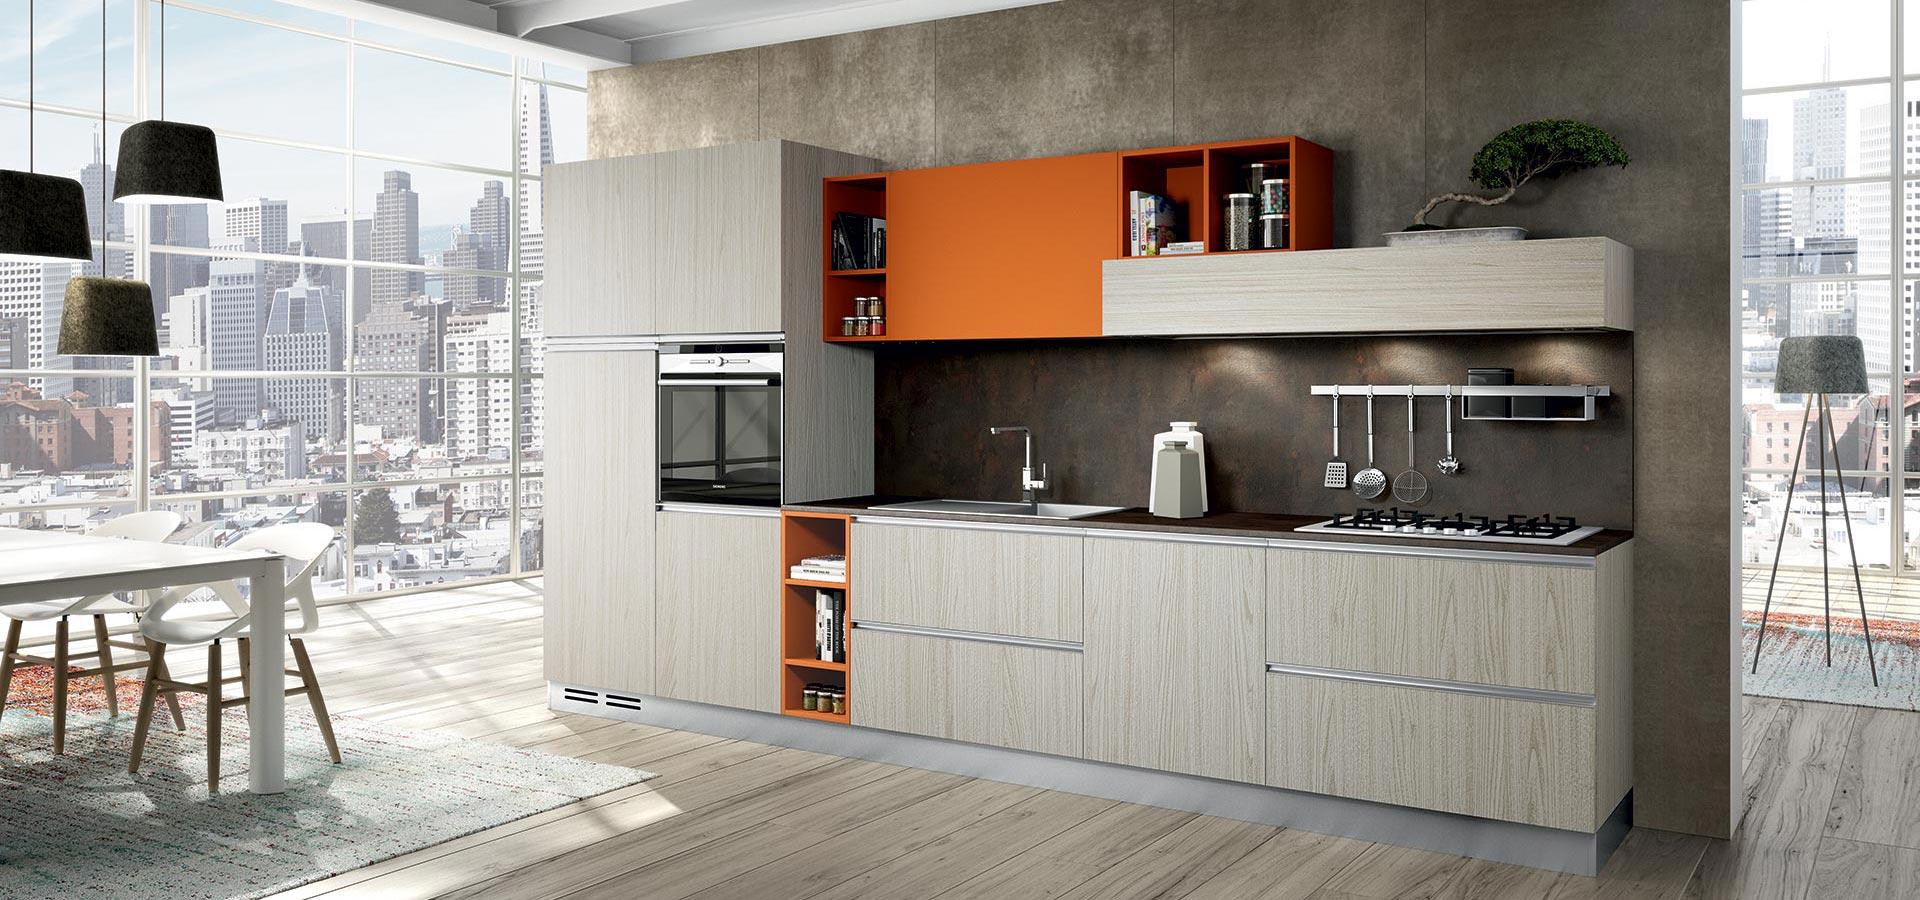 Ante cucina legno grezzo for Piano cucina in cemento